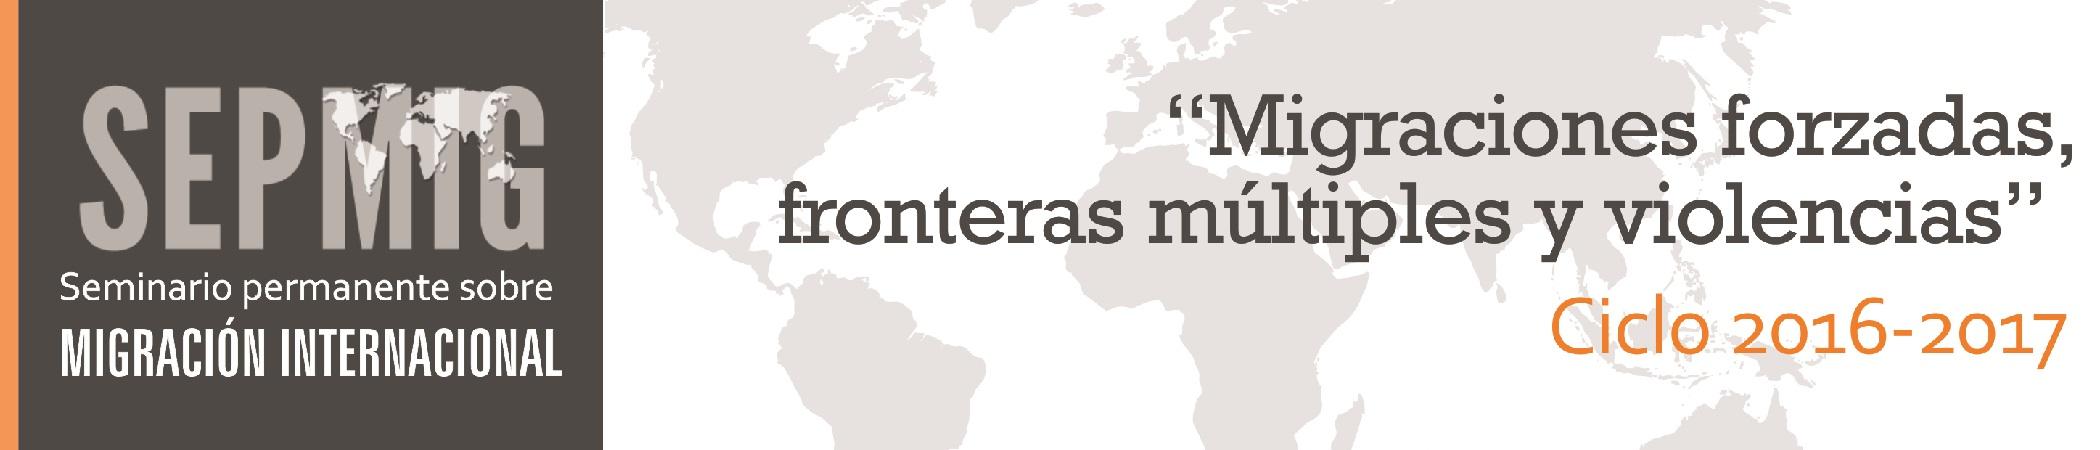 SEPMIG Seminario permanente sobre migración internacional